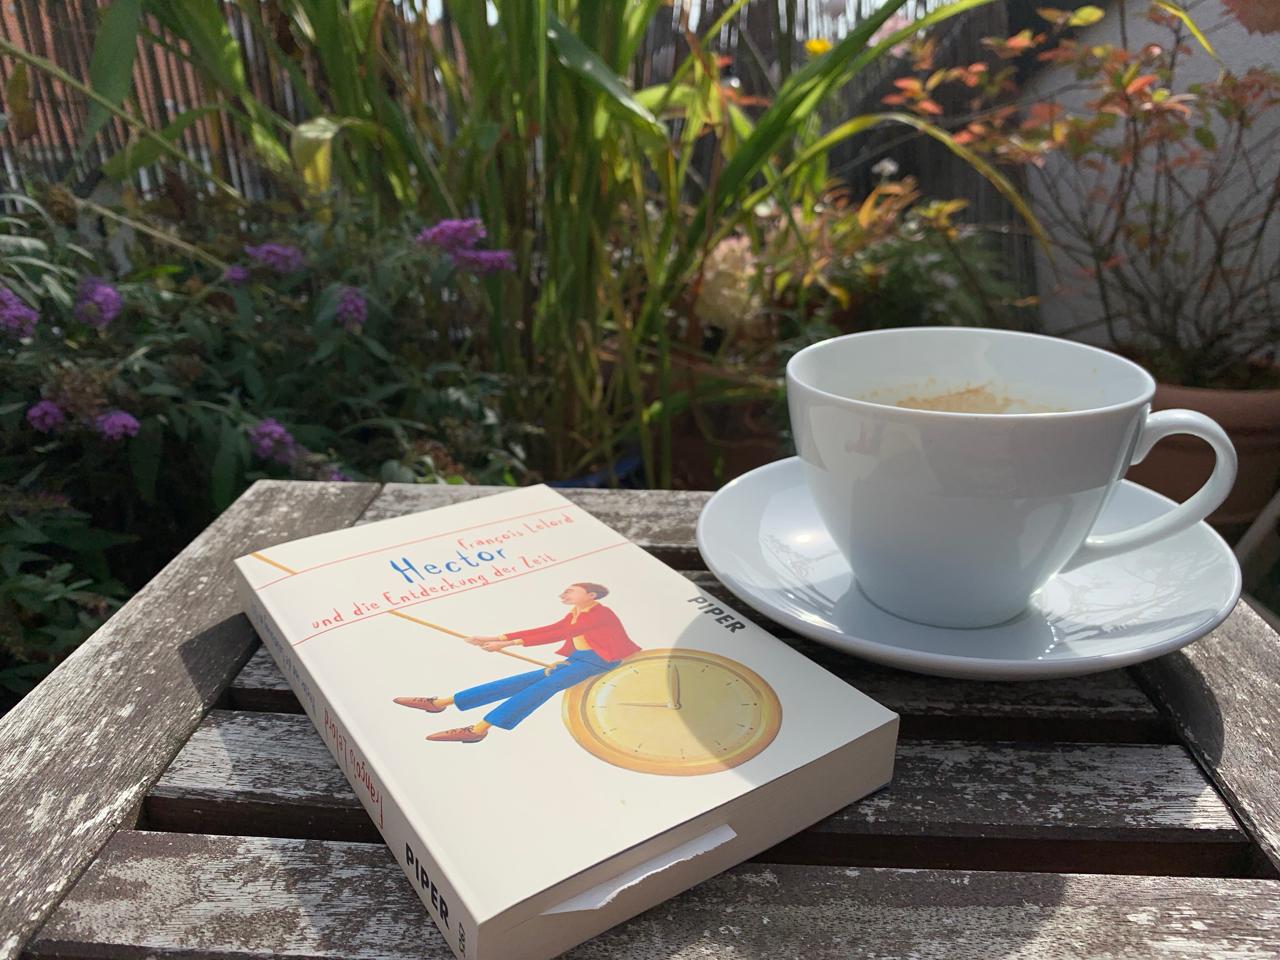 Sommertag auf der Terrasse mit Buch und Kaffee